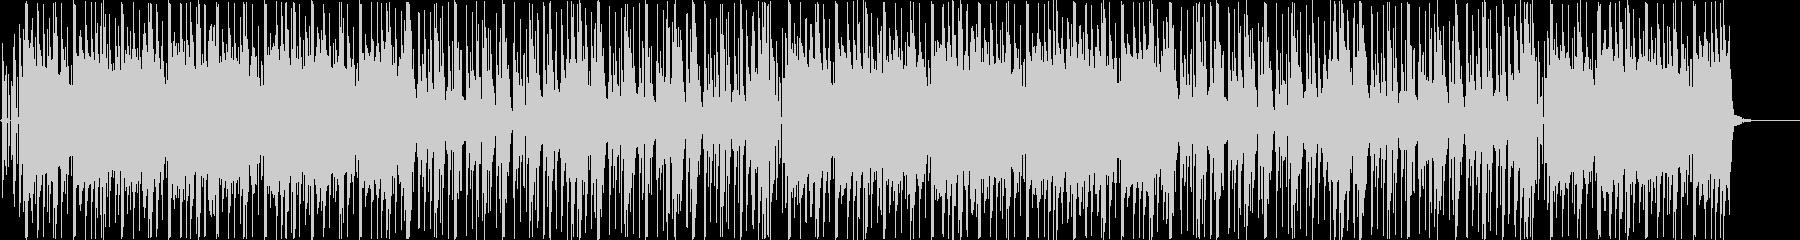 和楽器を使ったおしゃれヒップホップBGMの未再生の波形